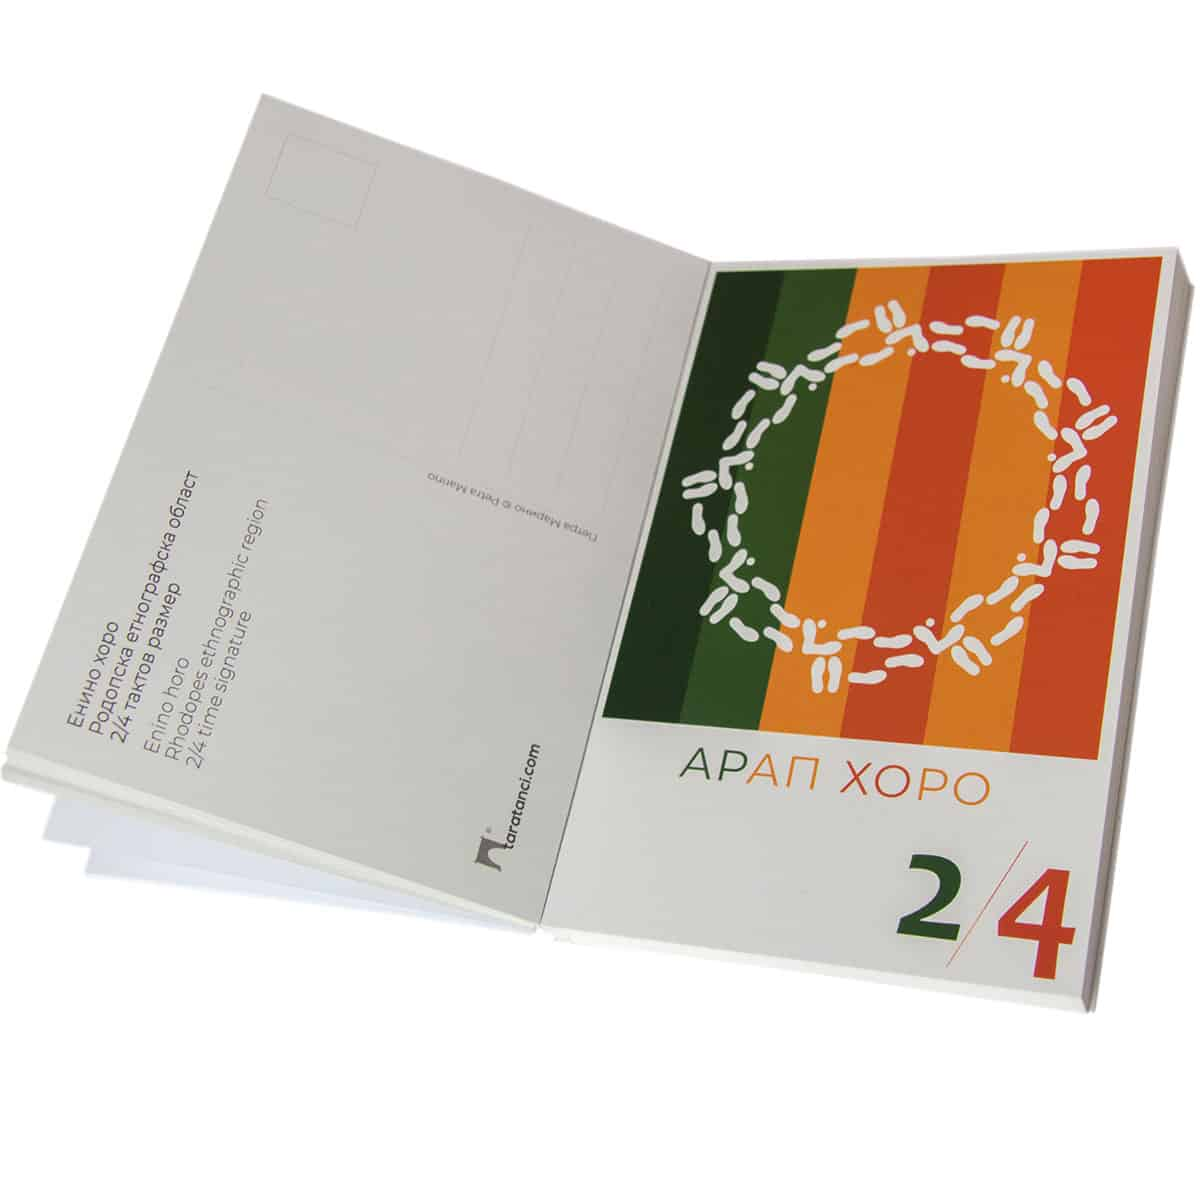 книжка с 30 картички от Таратанци - Арап хоро